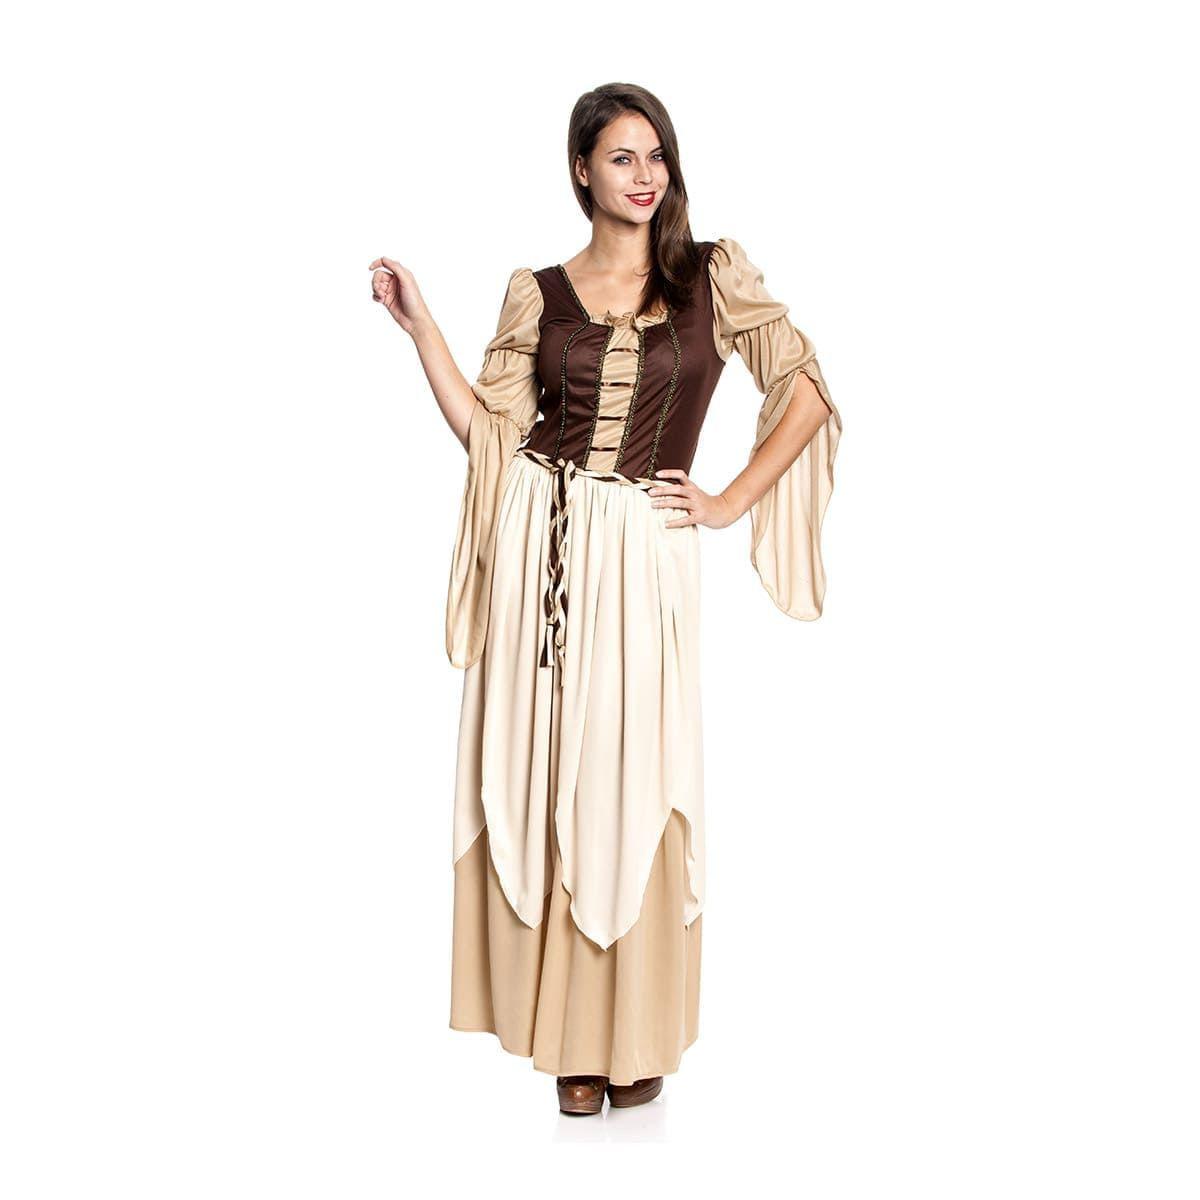 Mittelalter Magd Damen Kostüm Komplett Mit Tasche